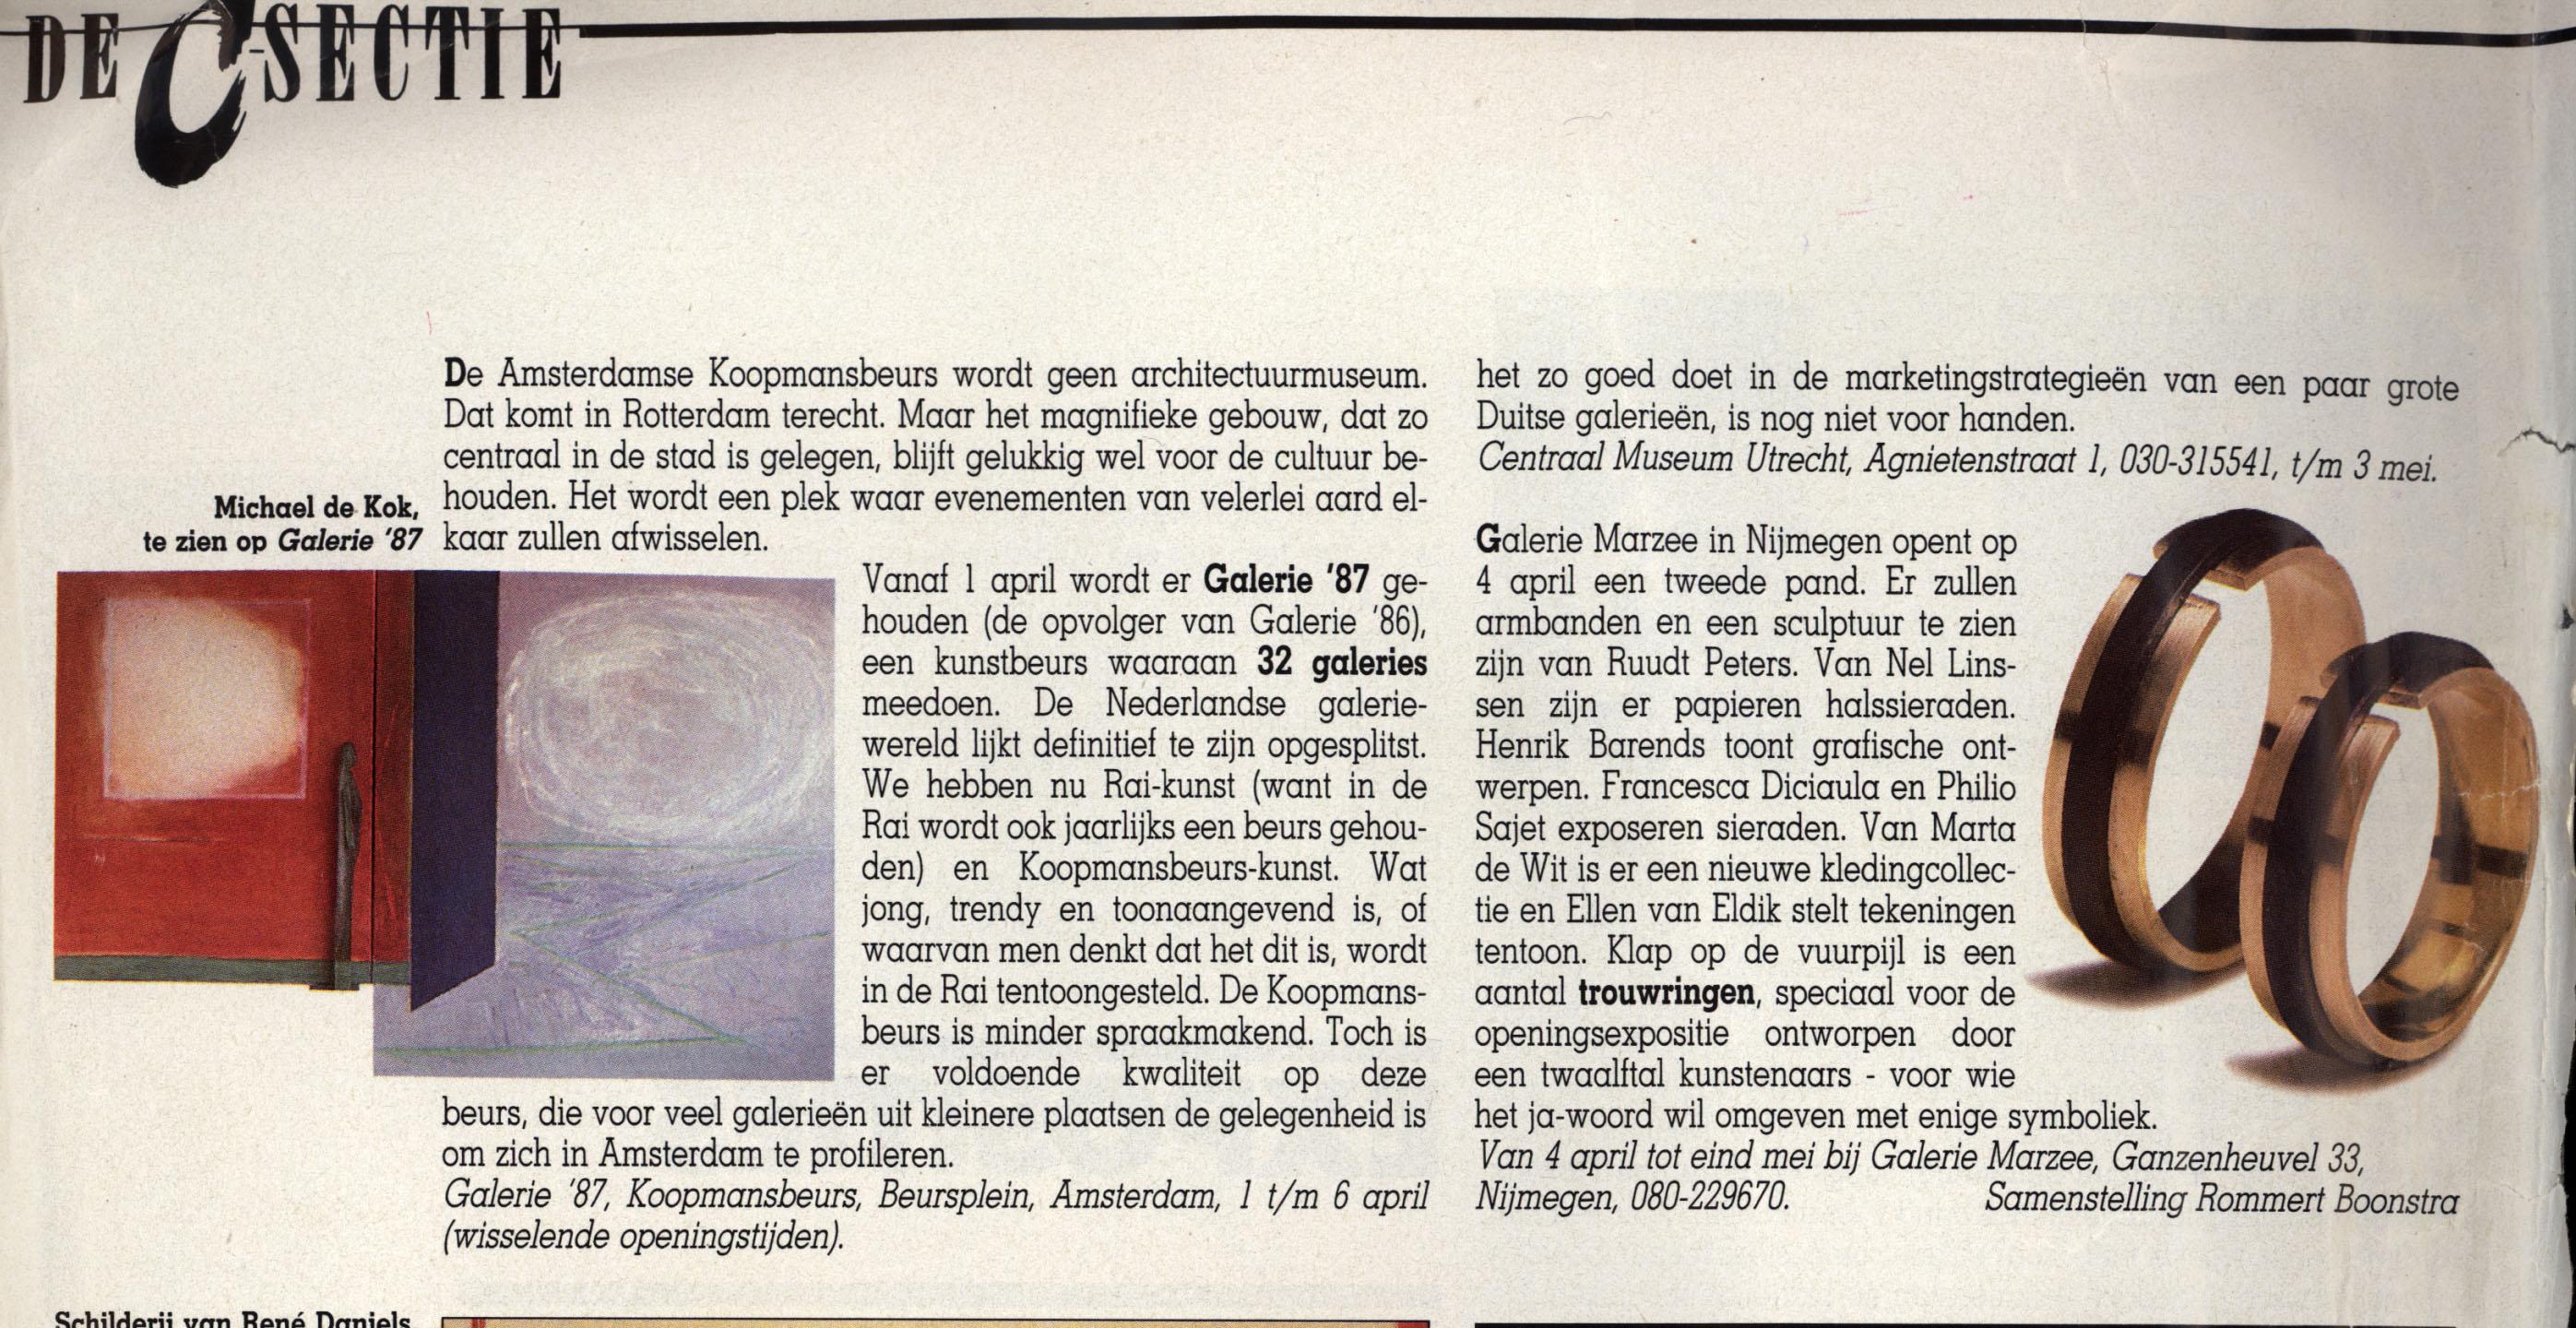 De C sectie, april 1987, tijdschrift, papier, drukwerk